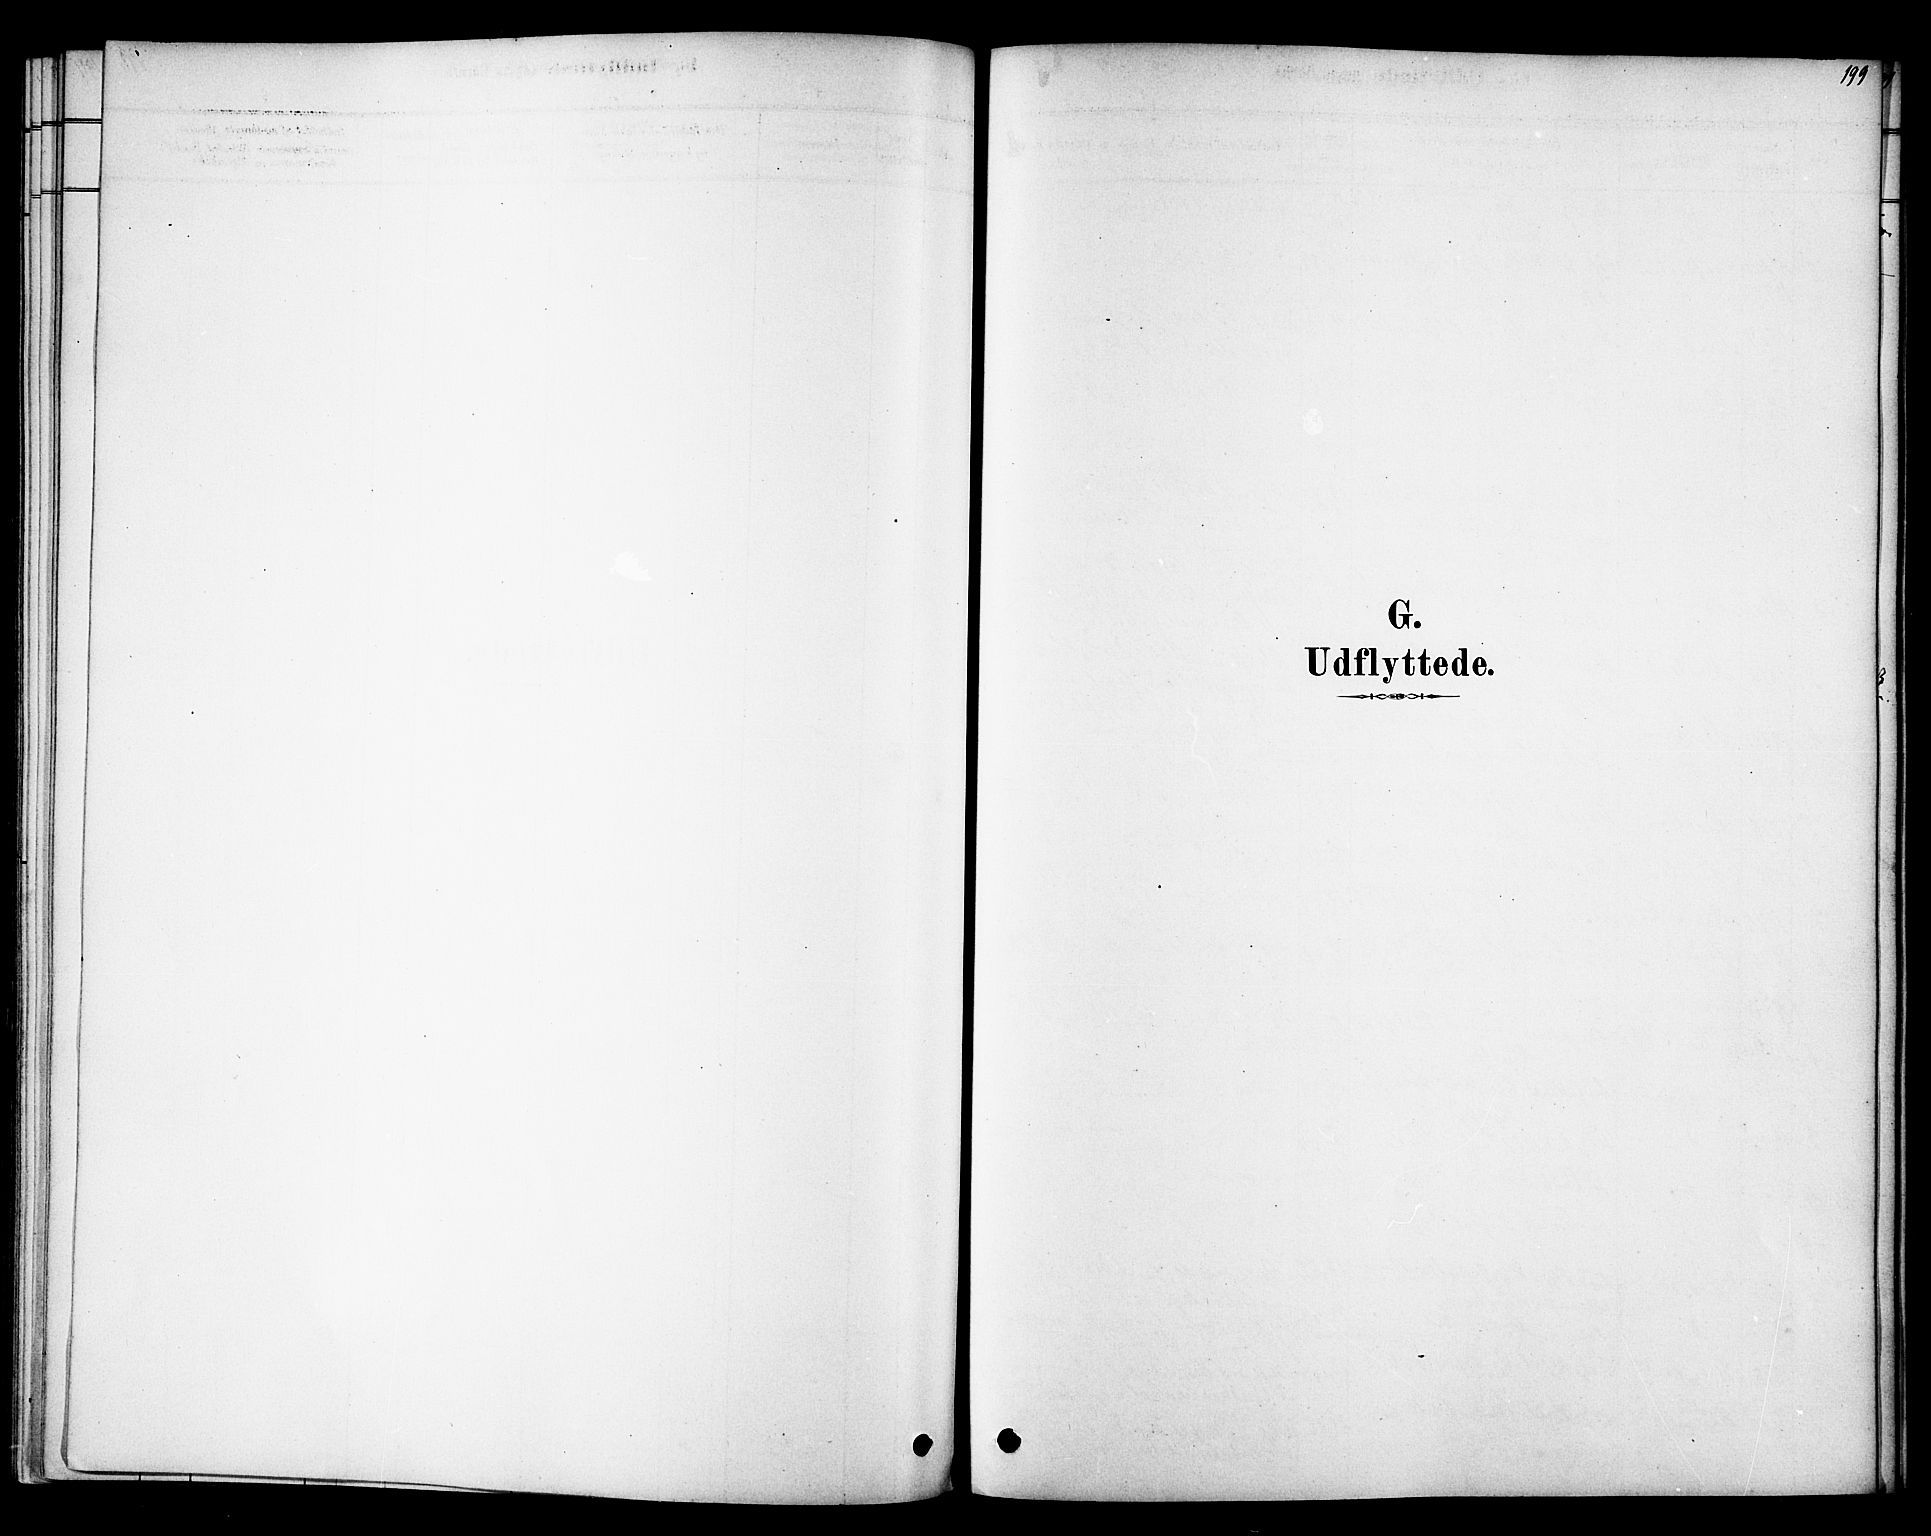 SAT, Ministerialprotokoller, klokkerbøker og fødselsregistre - Sør-Trøndelag, 692/L1105: Ministerialbok nr. 692A05, 1878-1890, s. 199